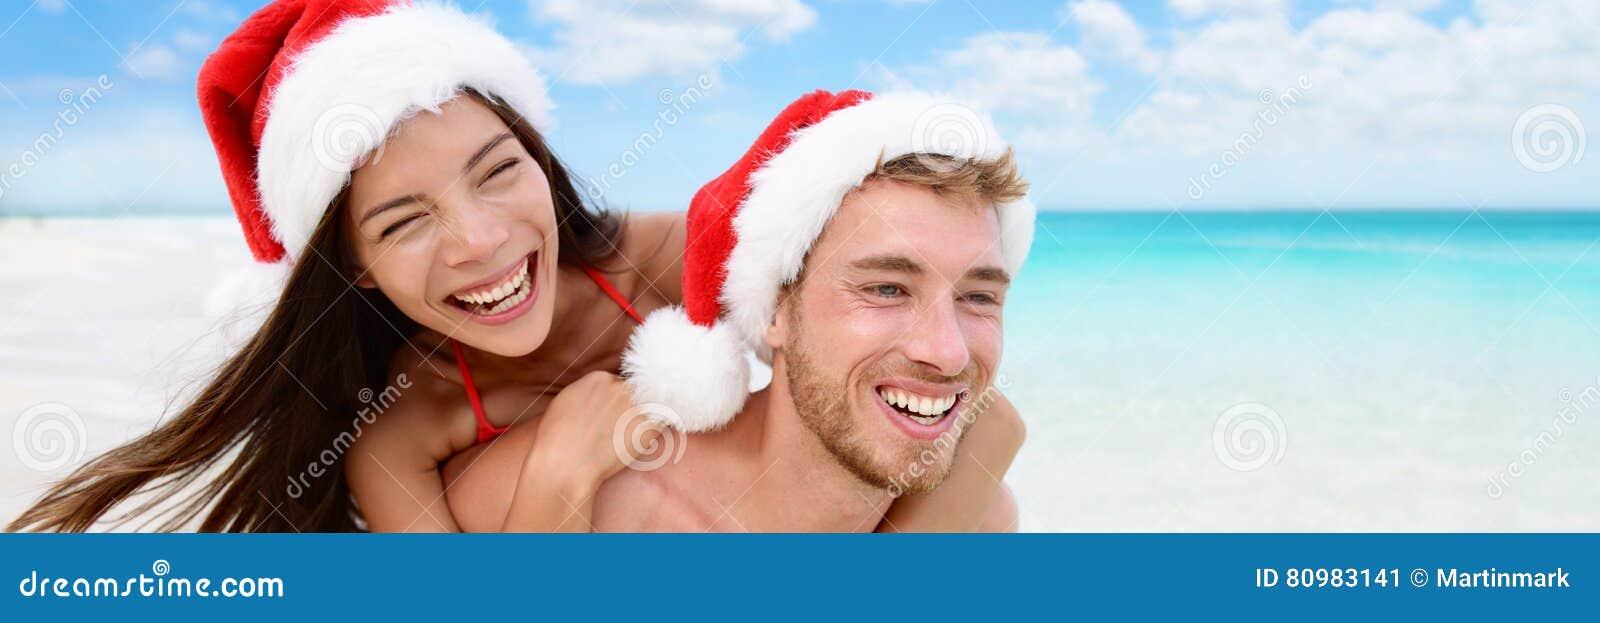 Szczęśliwi boże narodzenia wakacyjna kobieta i mężczyzna dobierają się sztandar